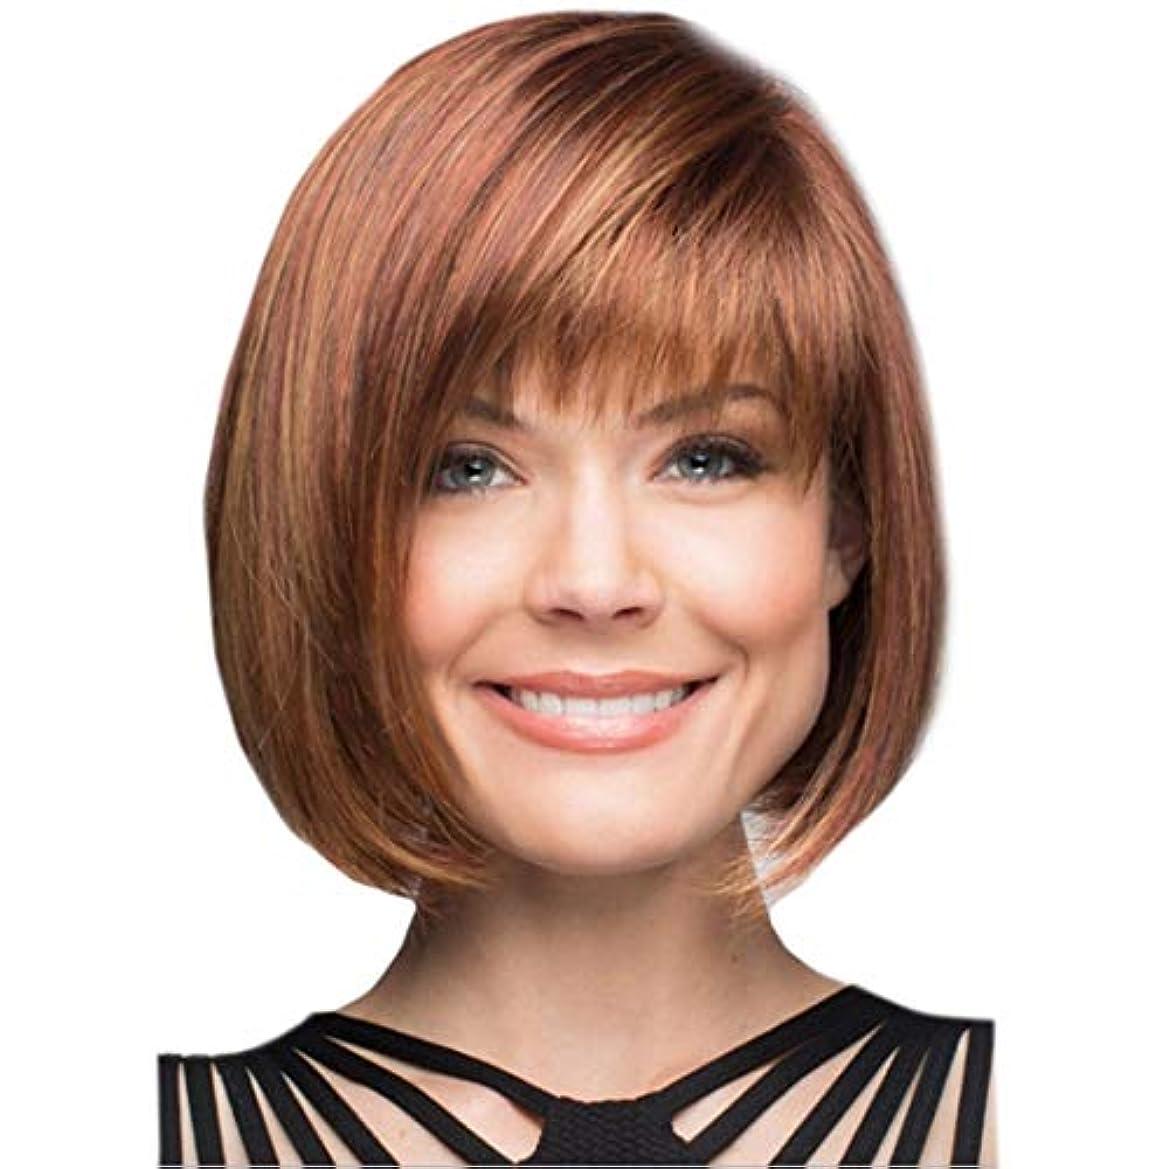 気を散らす調べる急ぐKerwinner 女性のための茶色の短いストレートヘアスプリットボボヘッドウィッグ化学繊維ウィッグヘッドギア